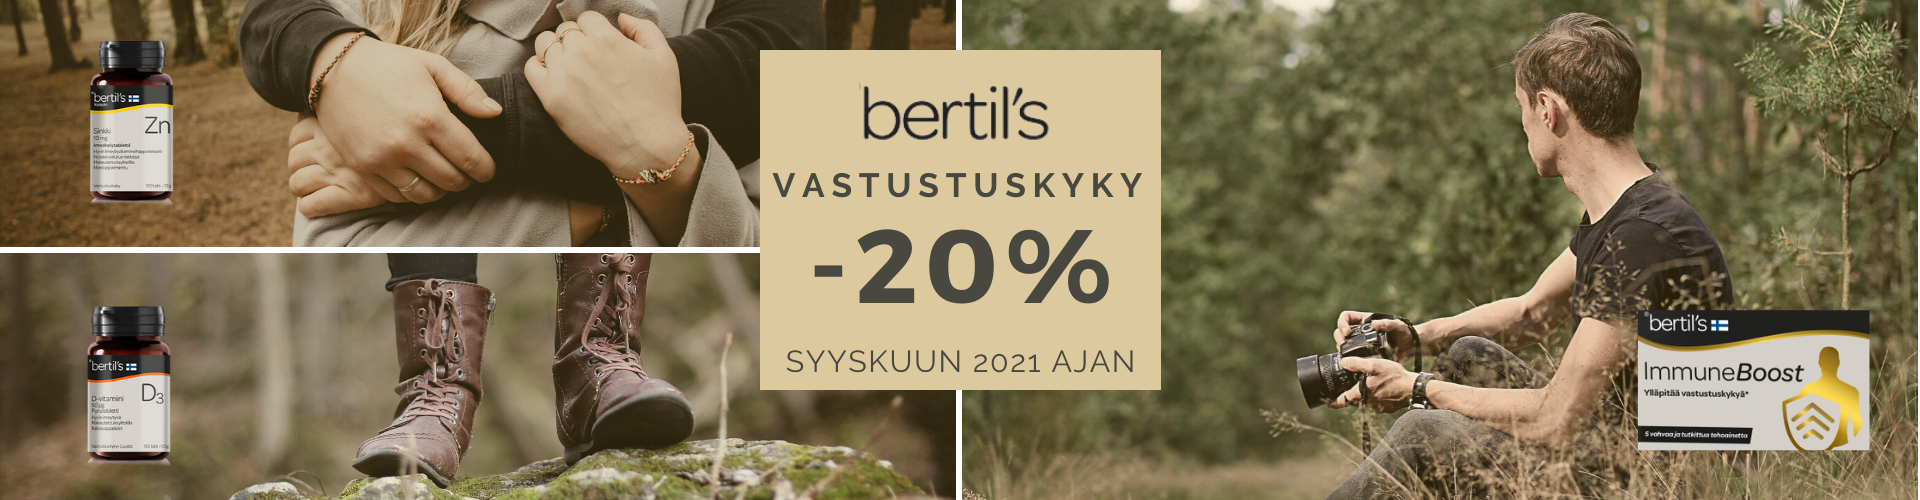 BERTILS VASTUSTUSKYKY -20% SYYSKUUN AJAN